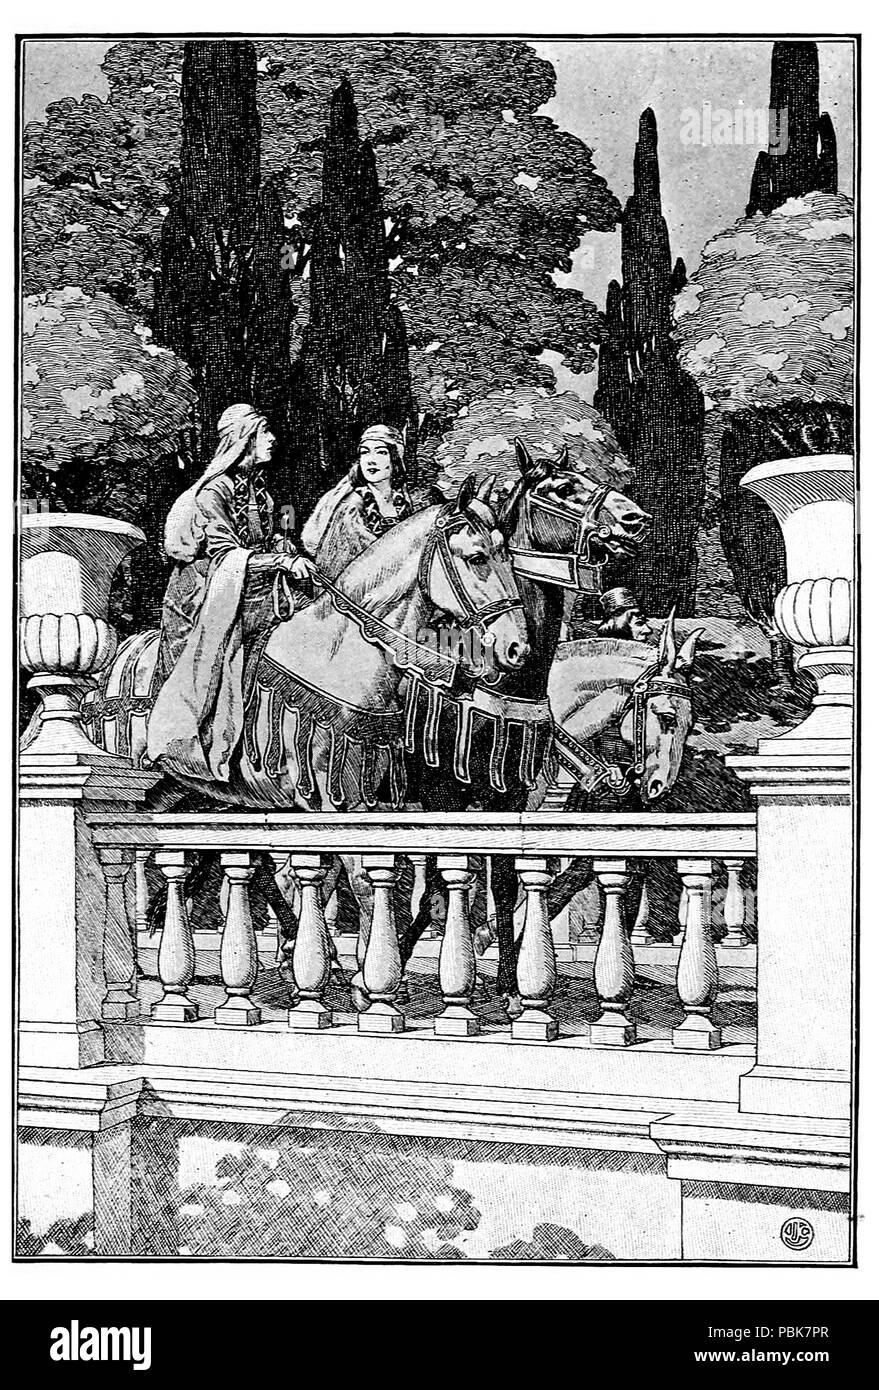 1148 P 148--The Princess Porquoi Stock Photo